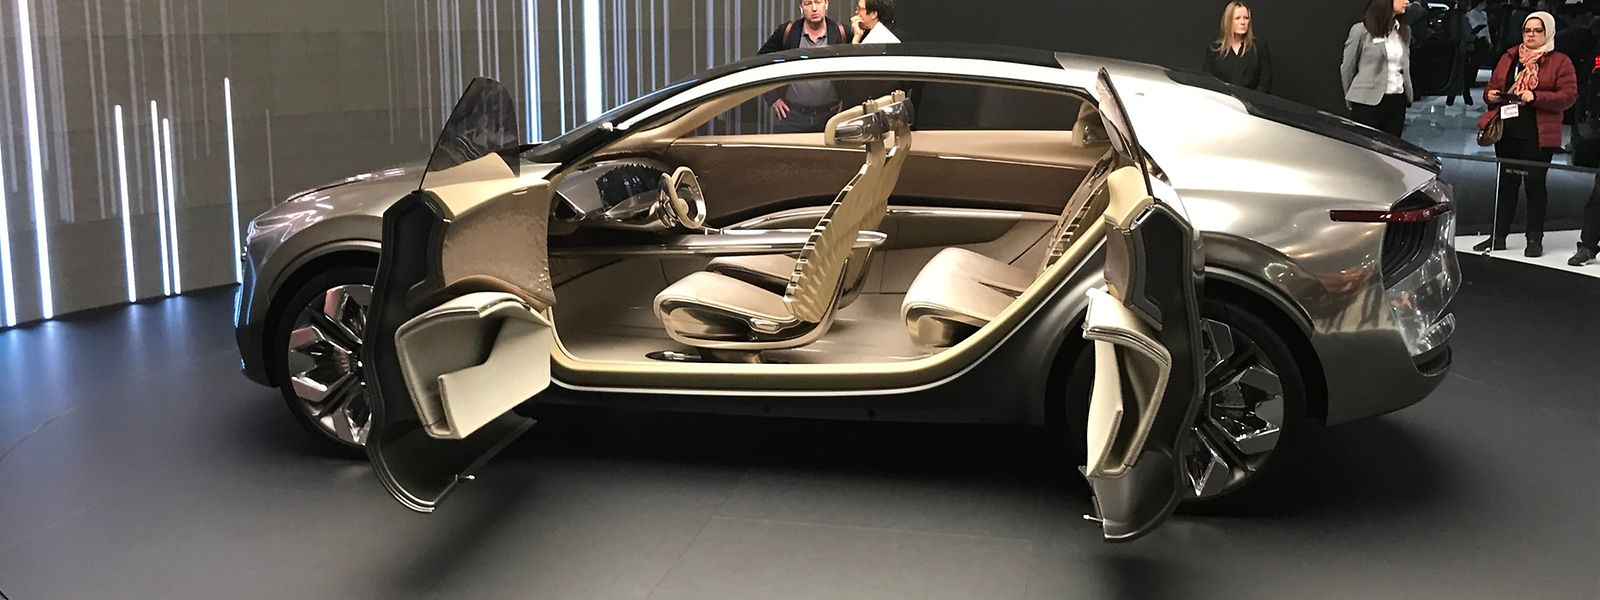 """Das elektrisch angetriebene Concept Car """"Imagine by Kia"""" ist eine Mischung aus SUV, Familienlimousine und Crossover."""